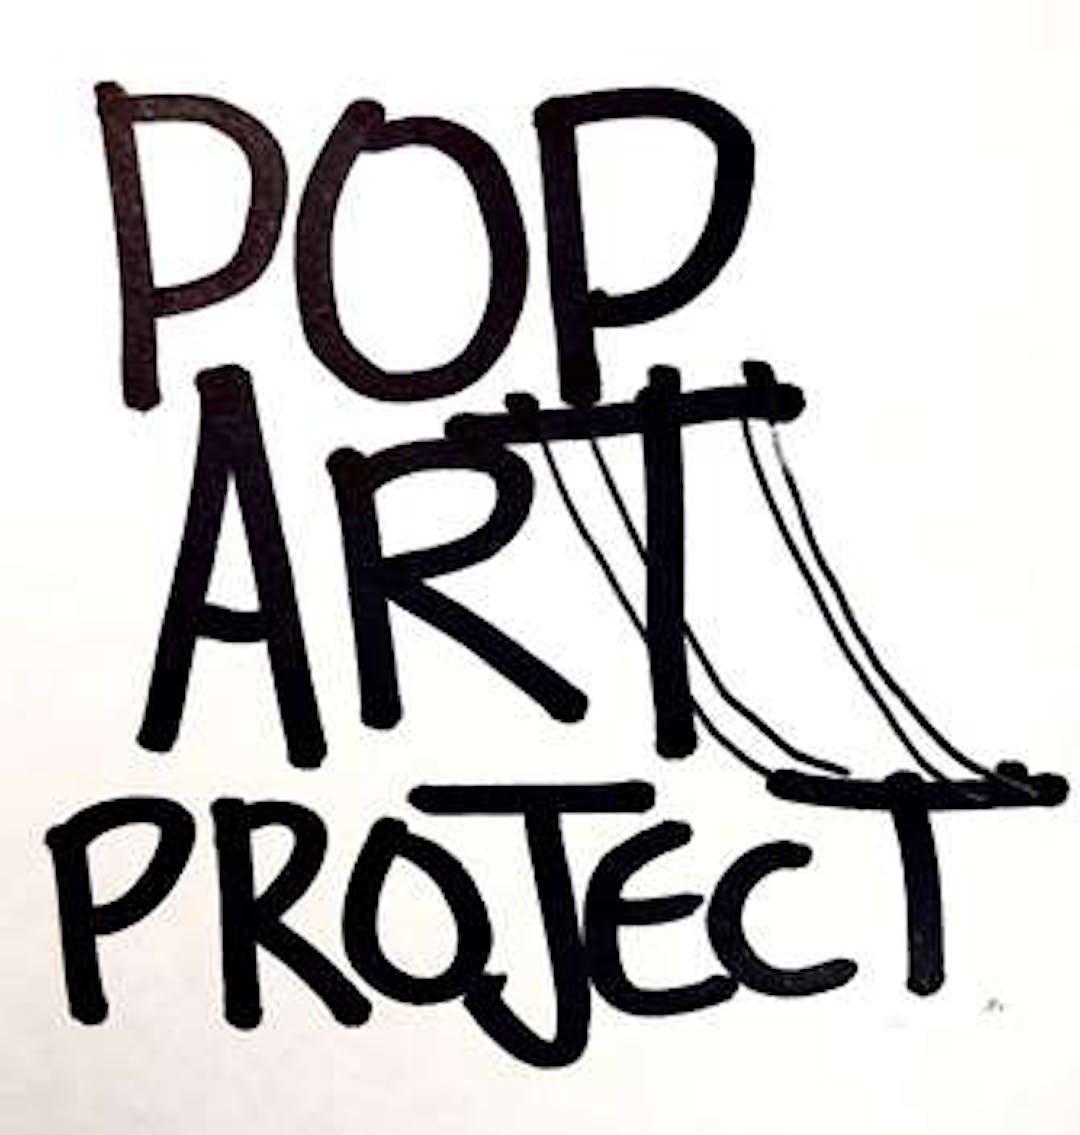 Pop logo c